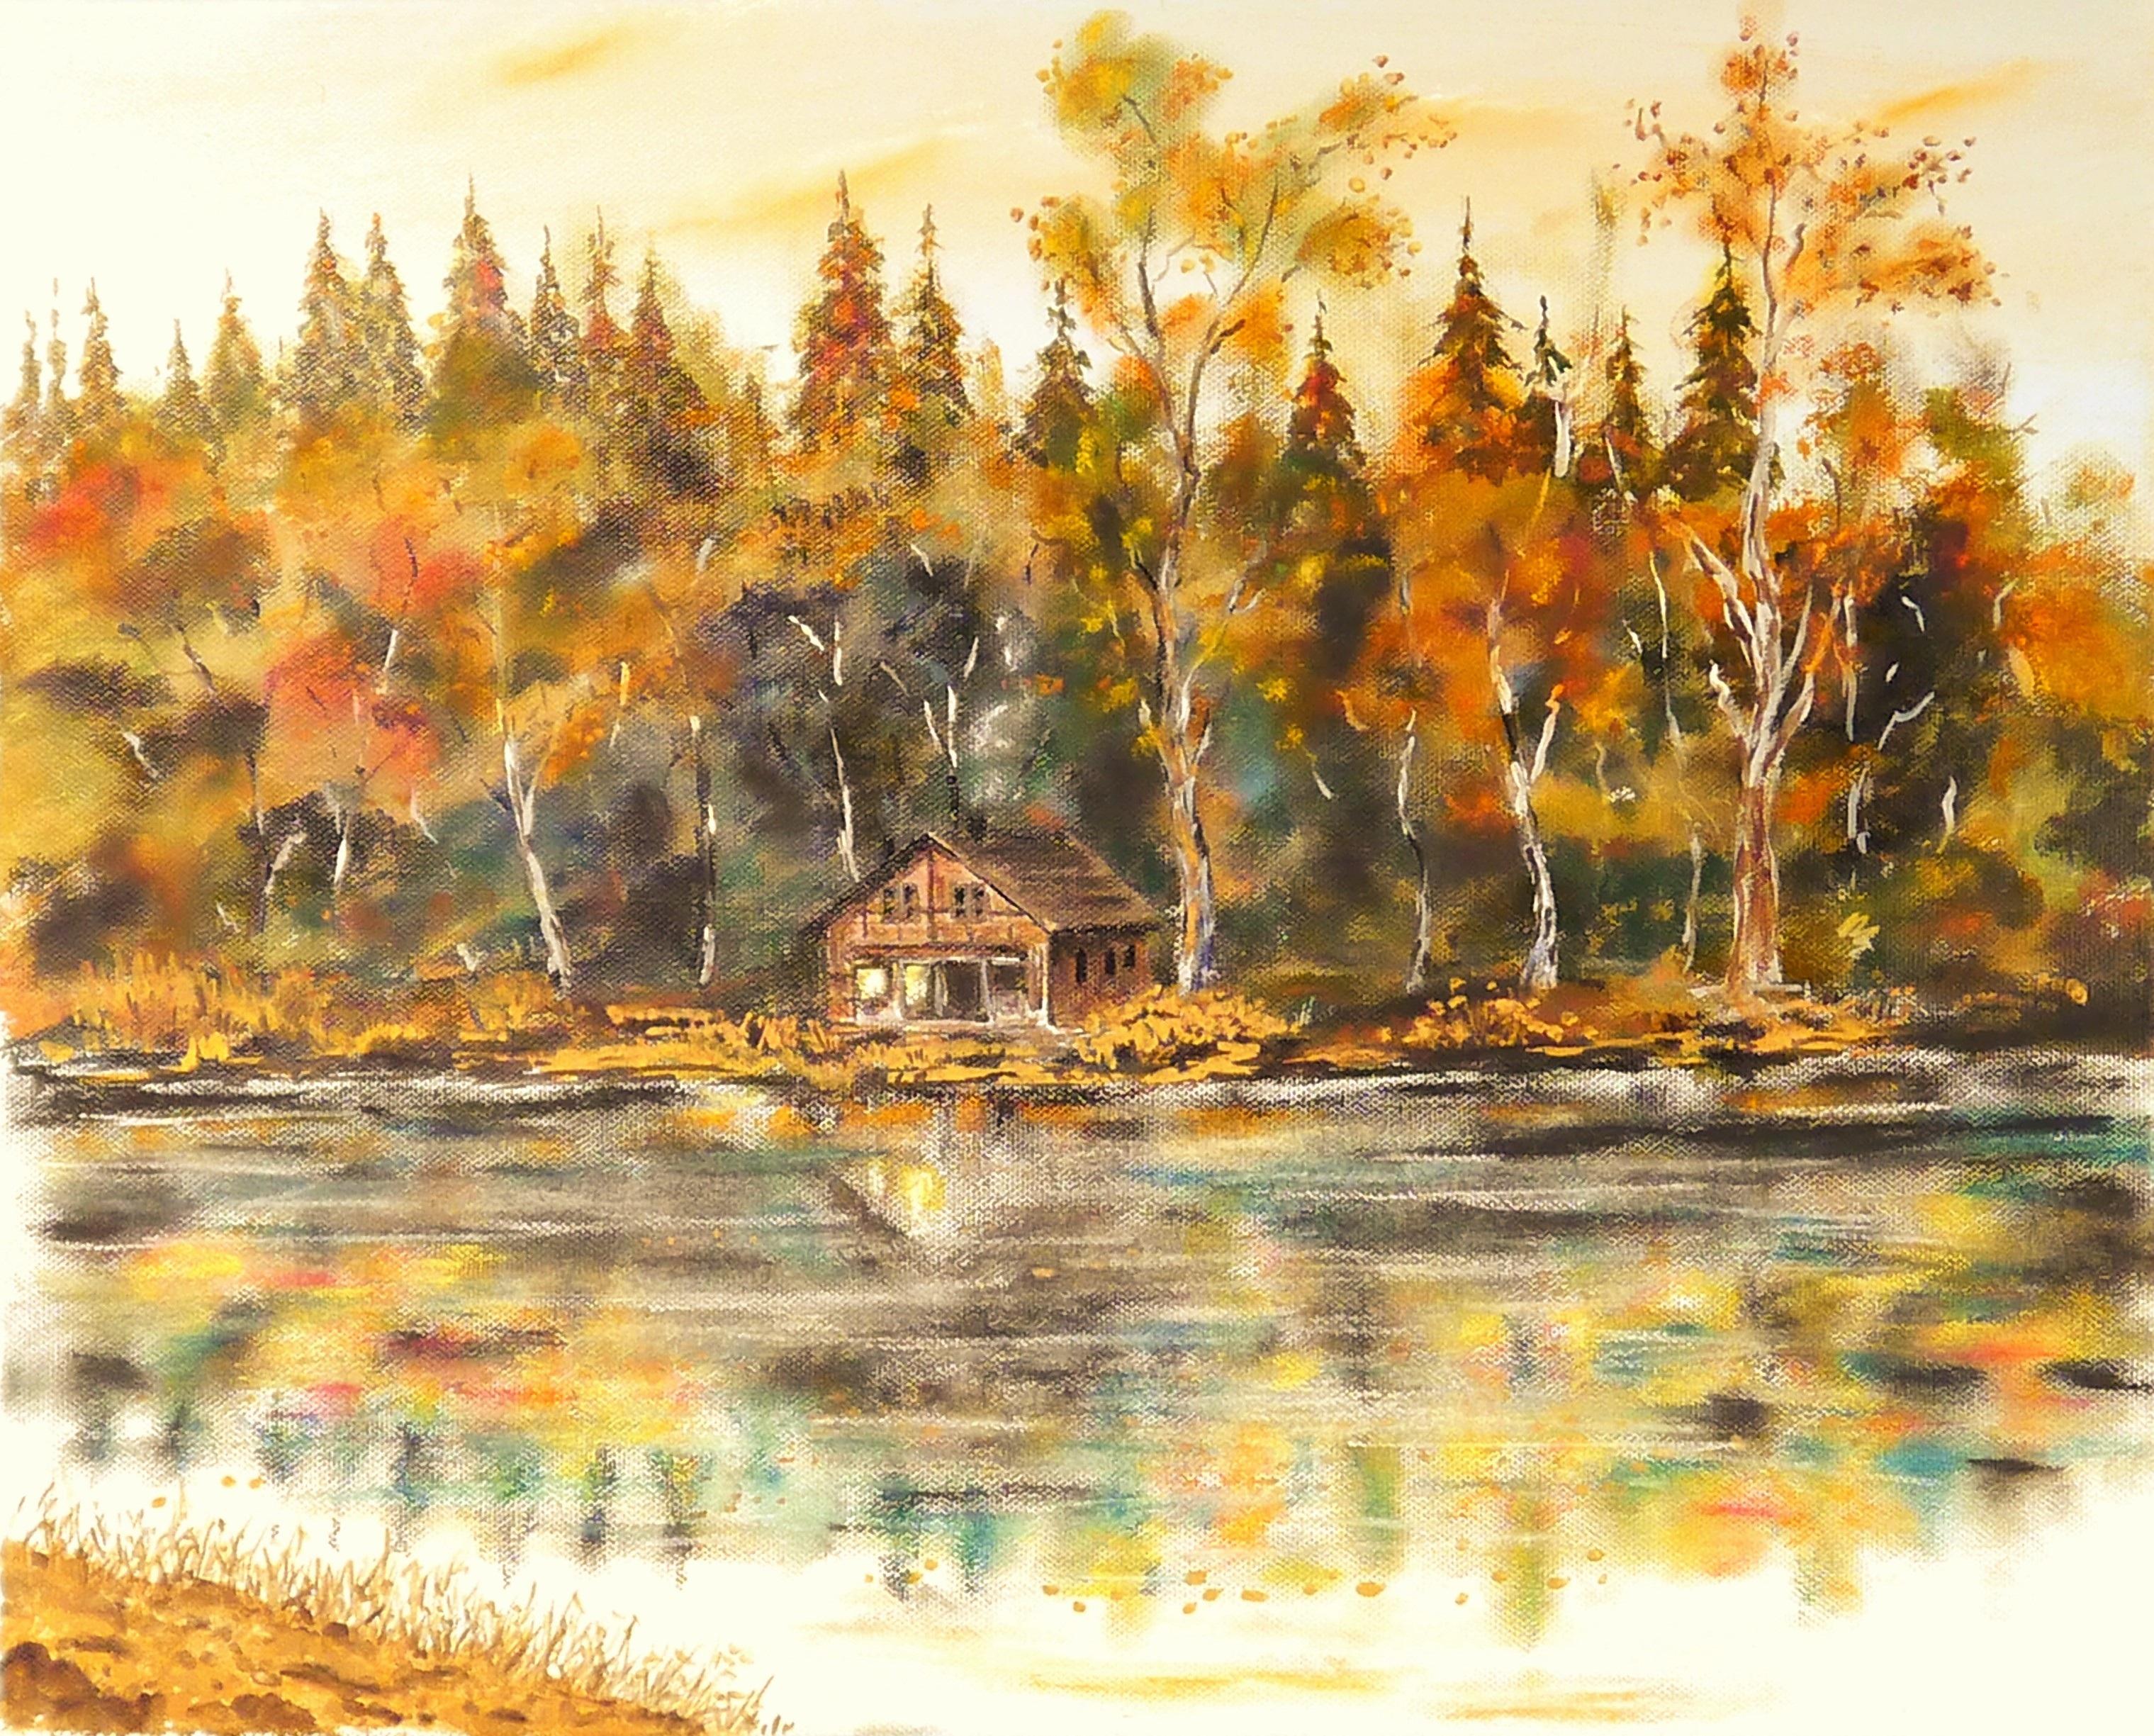 Fotos gratis : paisaje, árbol, flor, lago, casa, reflexión, color ...